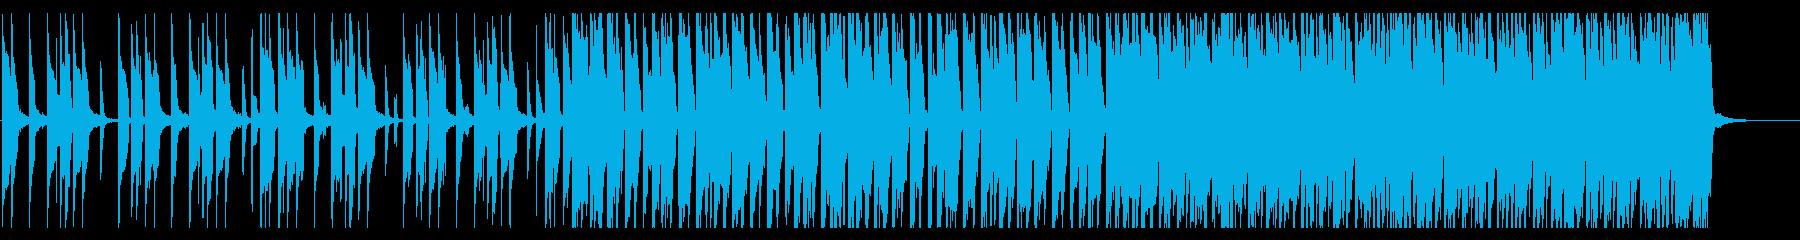 コミカルで賑やかなハウス_No419_2の再生済みの波形